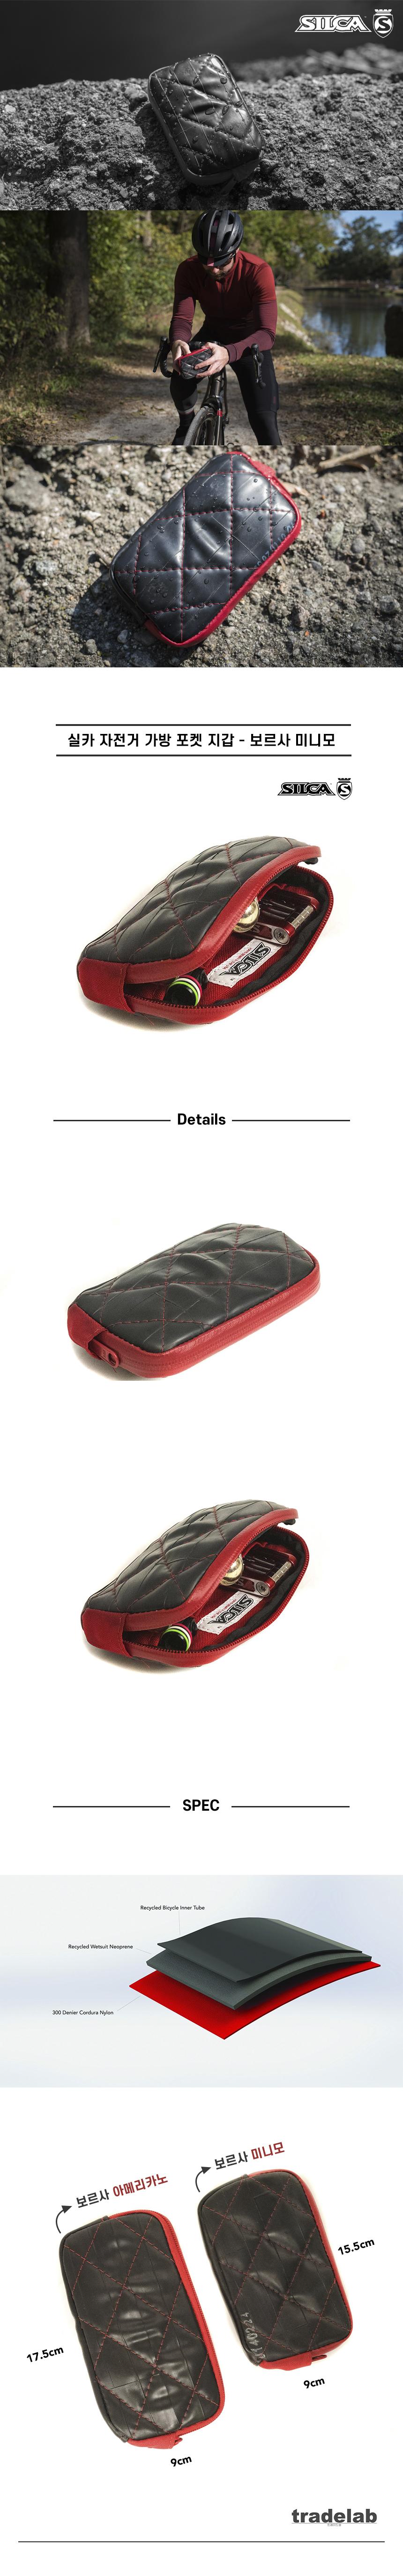 실카_자전거 가방 포켓 지갑-보르사 미니모_수정본.jpg